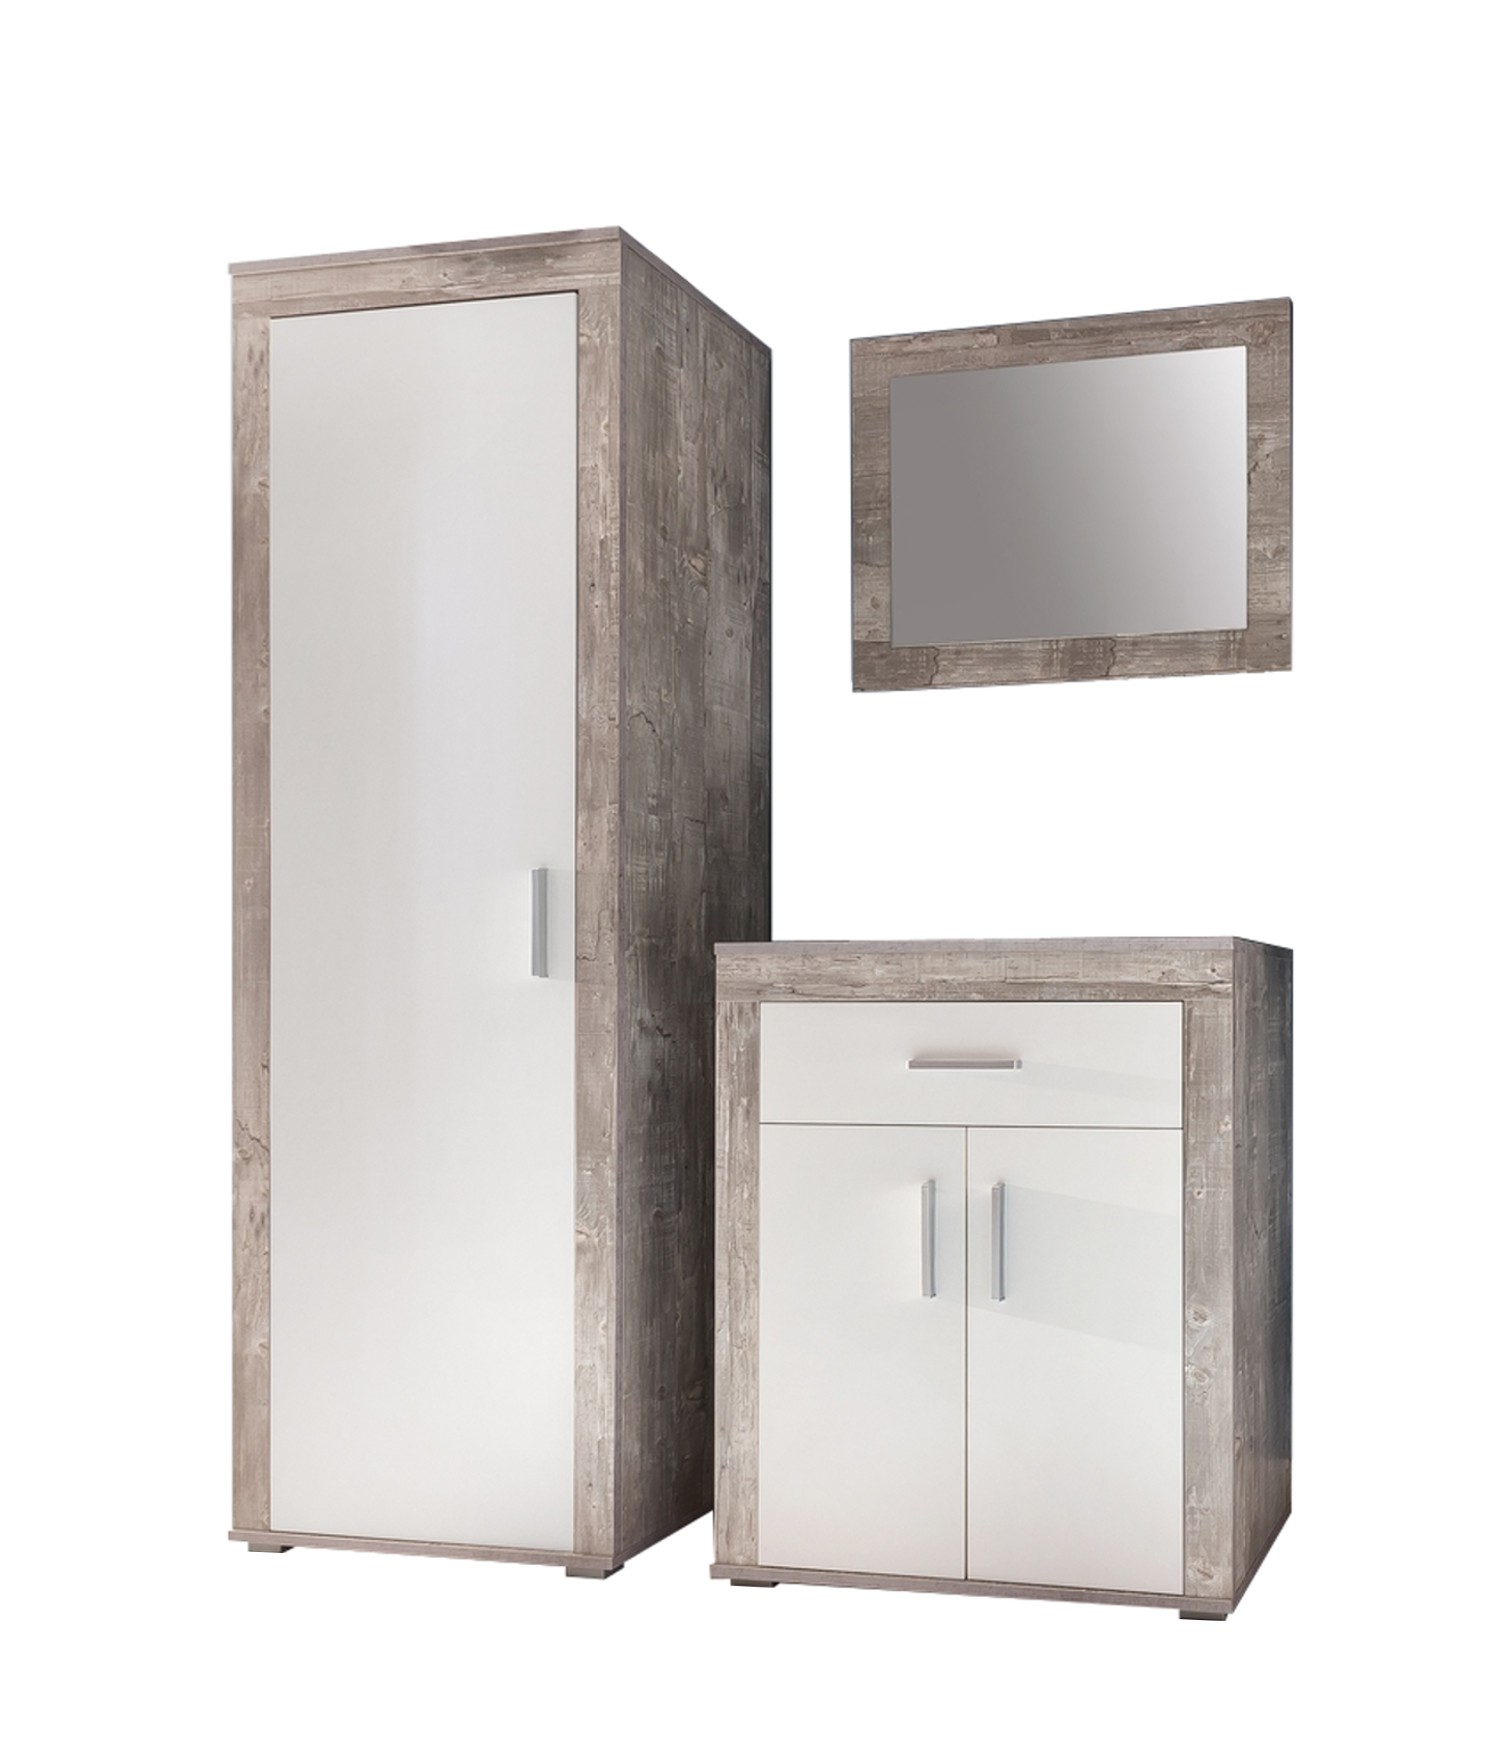 spannende garderoben set grau fotos erindzain. Black Bedroom Furniture Sets. Home Design Ideas